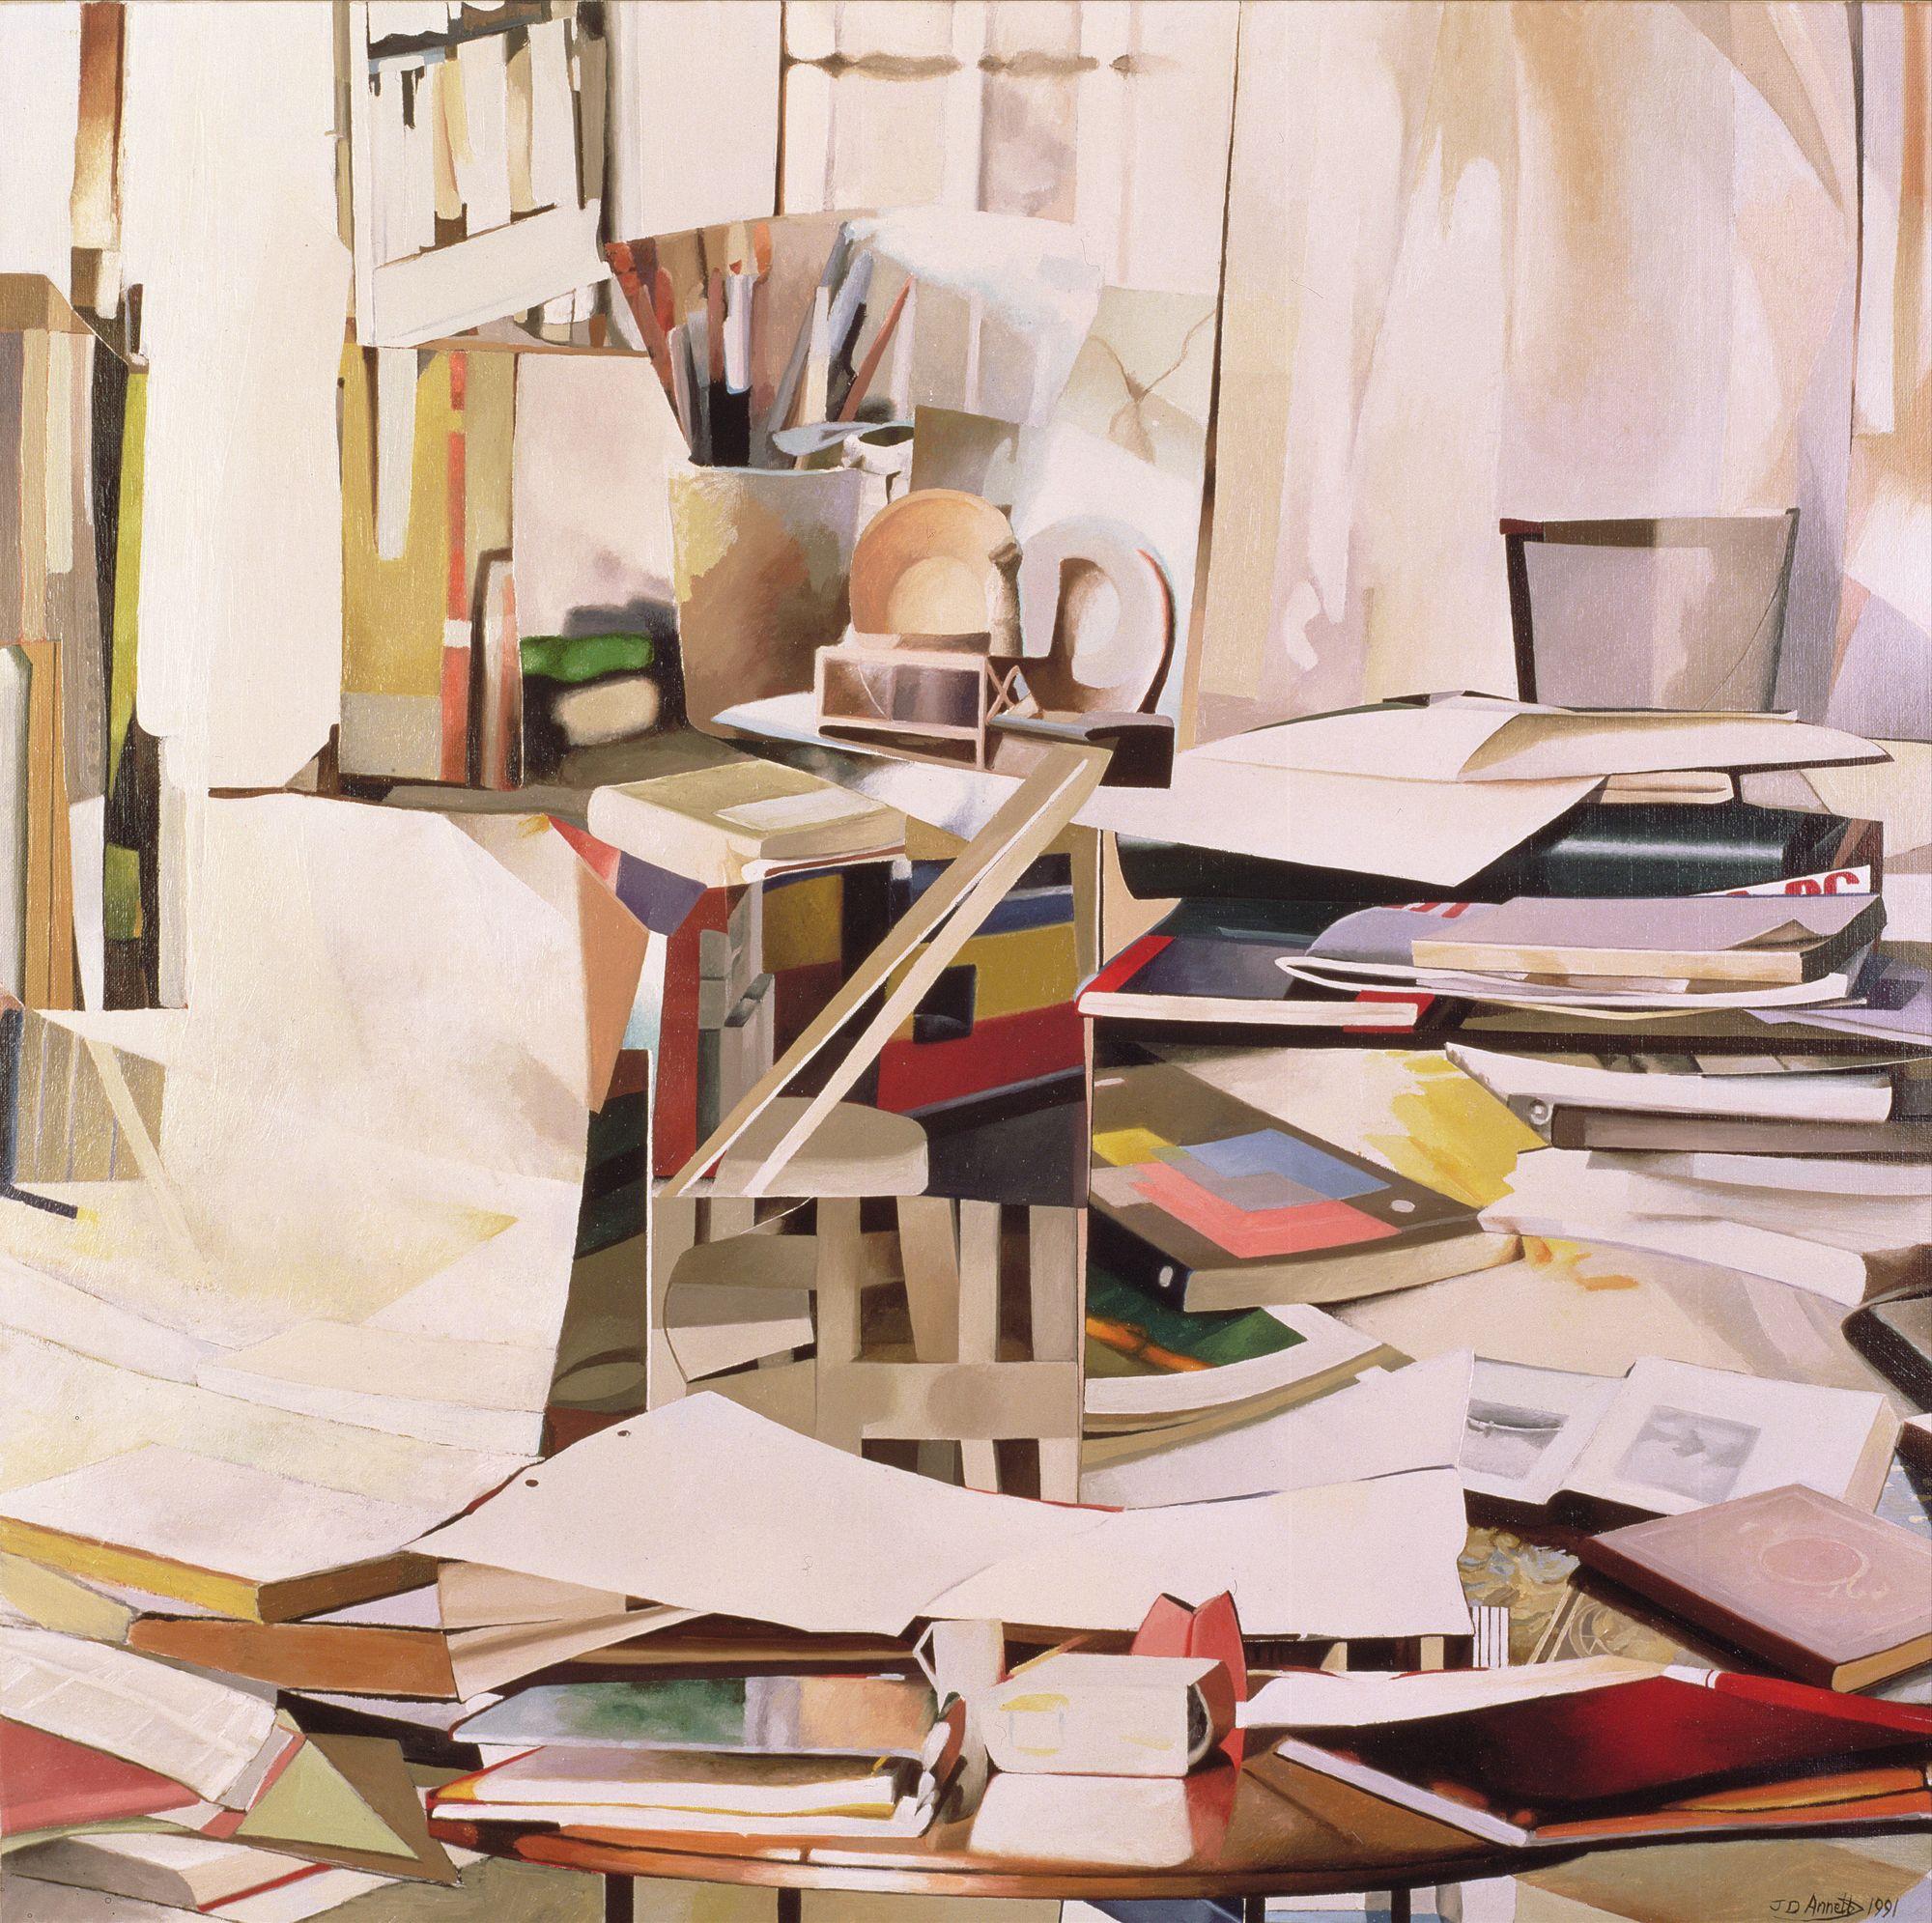 Jeremy Annett, Wind of change, 1991.